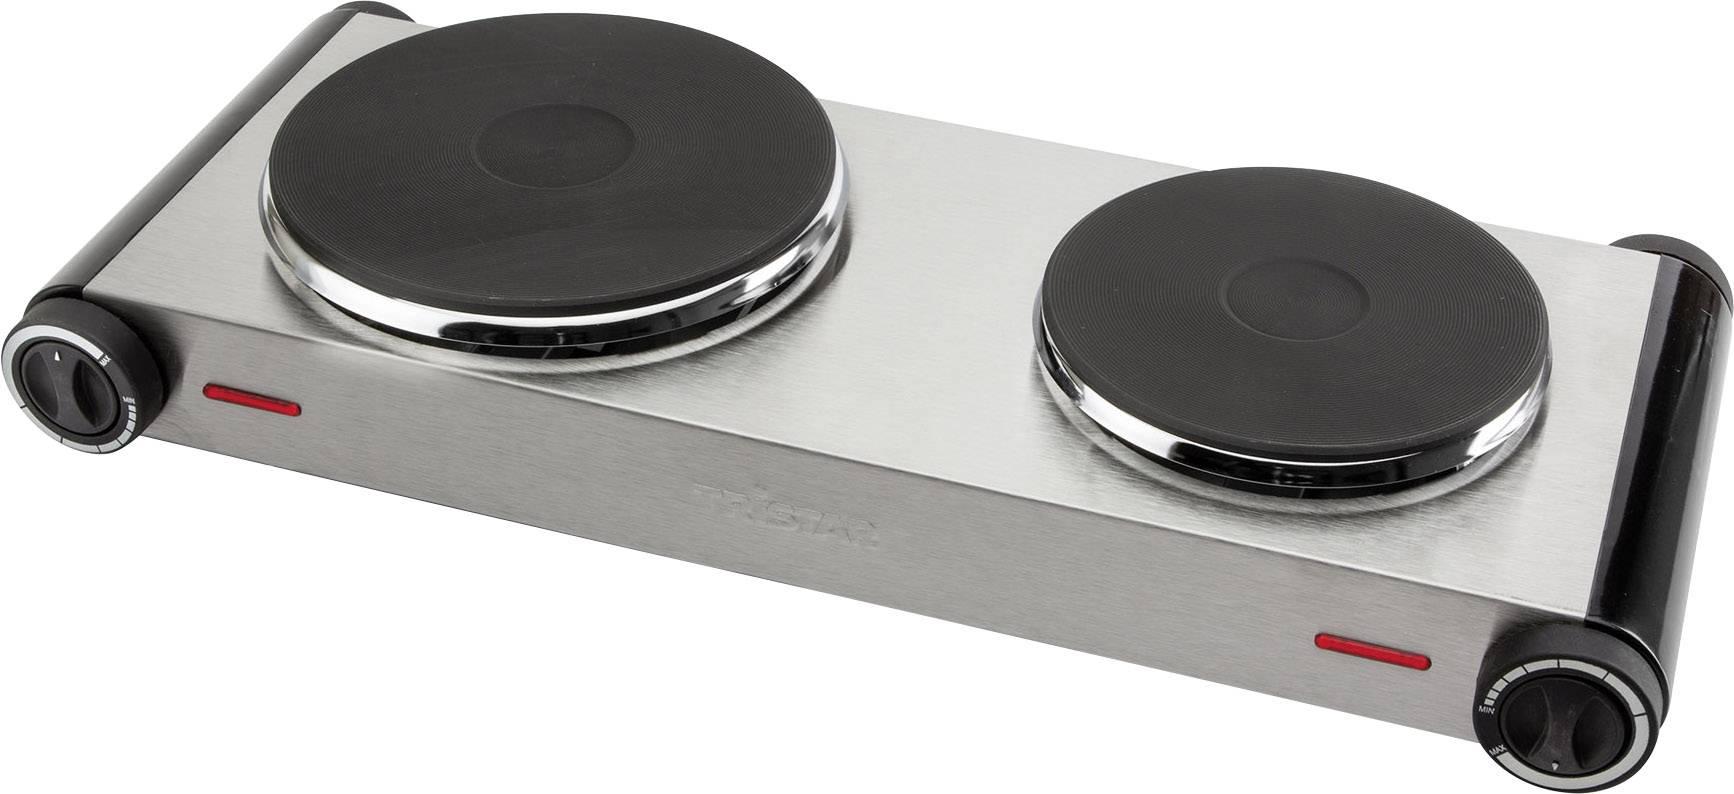 Dvouplotýnkový vařič Tristar KP-6248 KP-6248